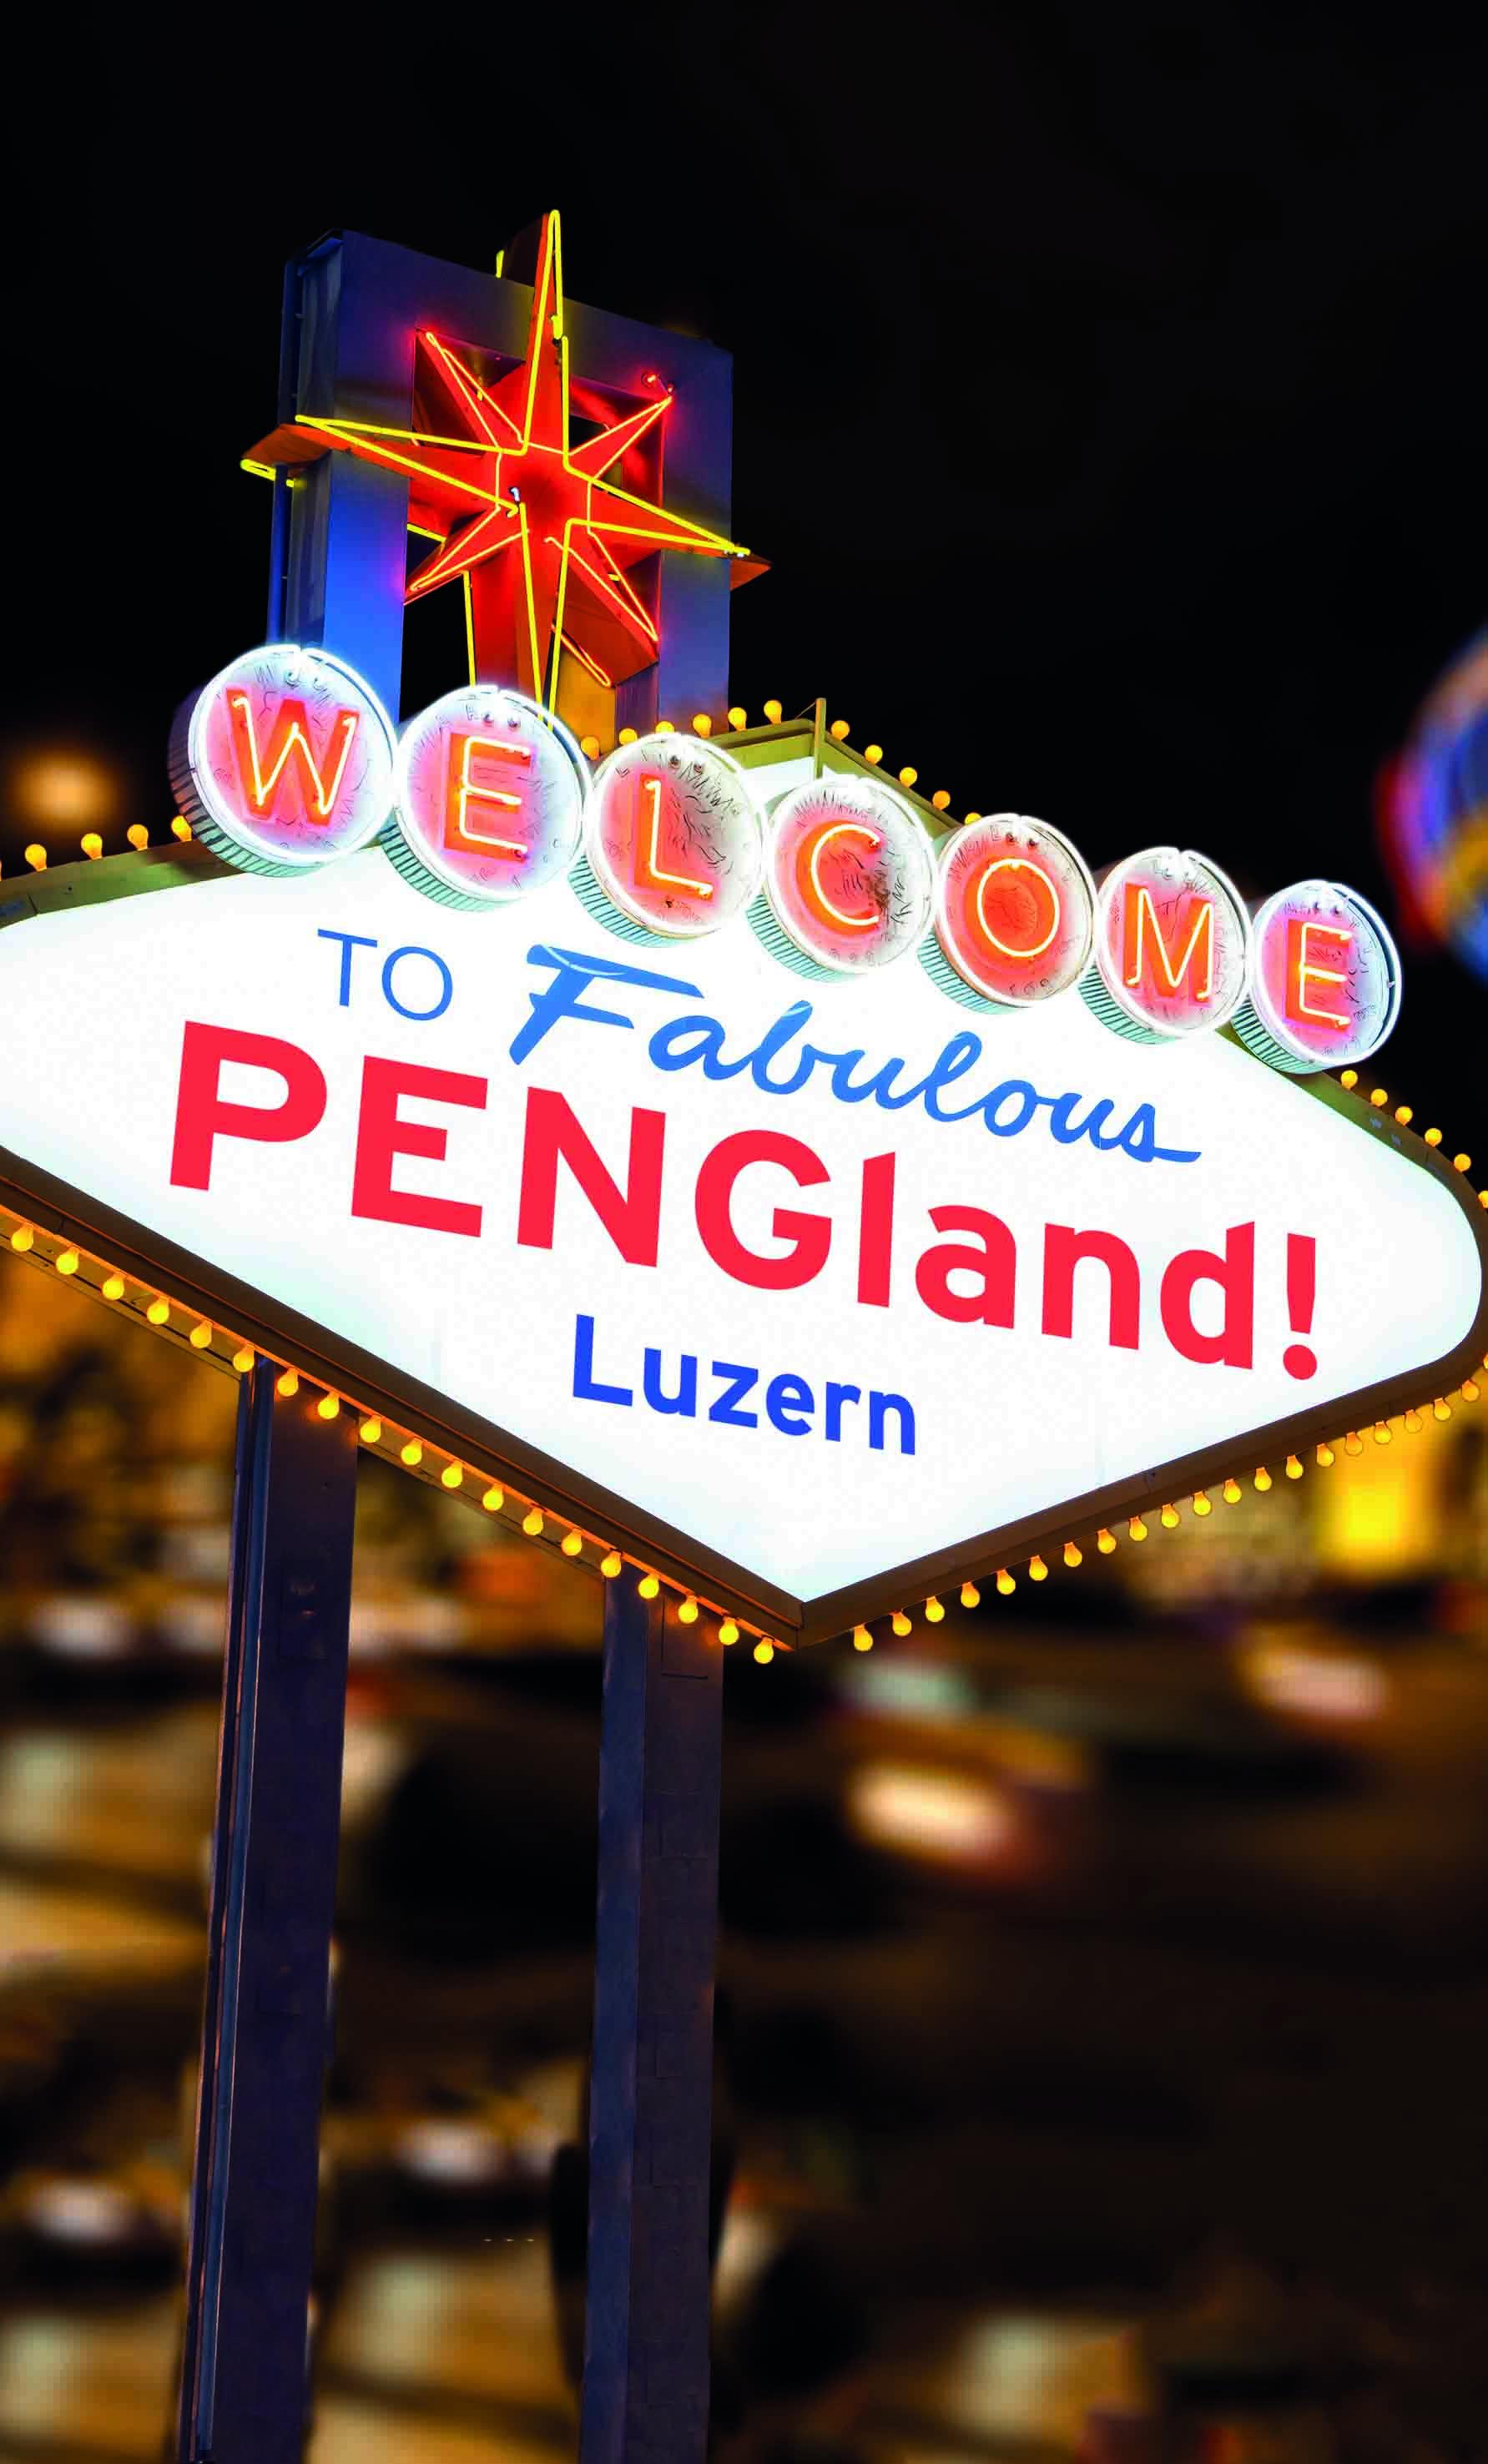 PENGland_Welcome.jpg